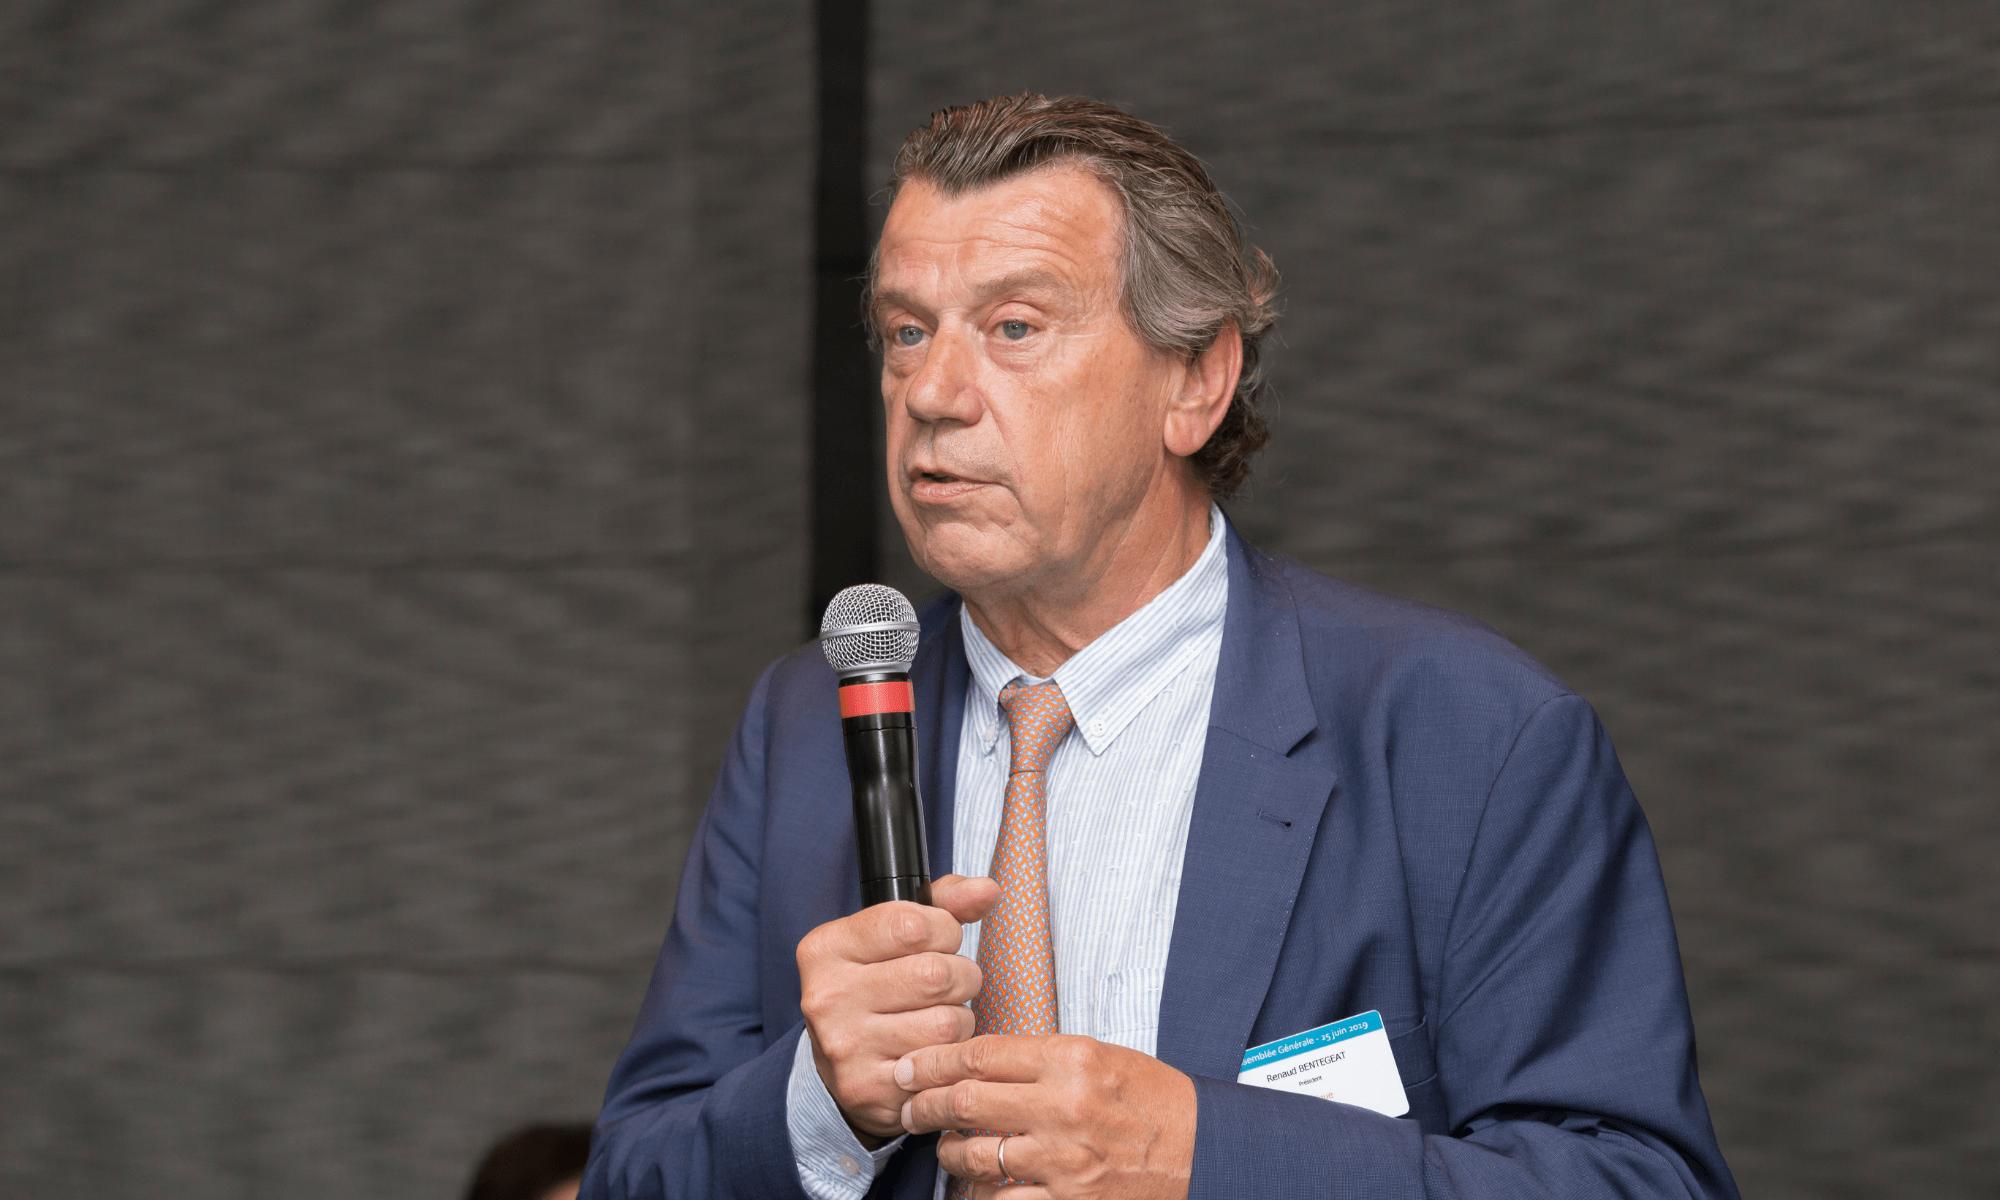 Les CCI FI au chevet des entreprises françaises à l'étranger